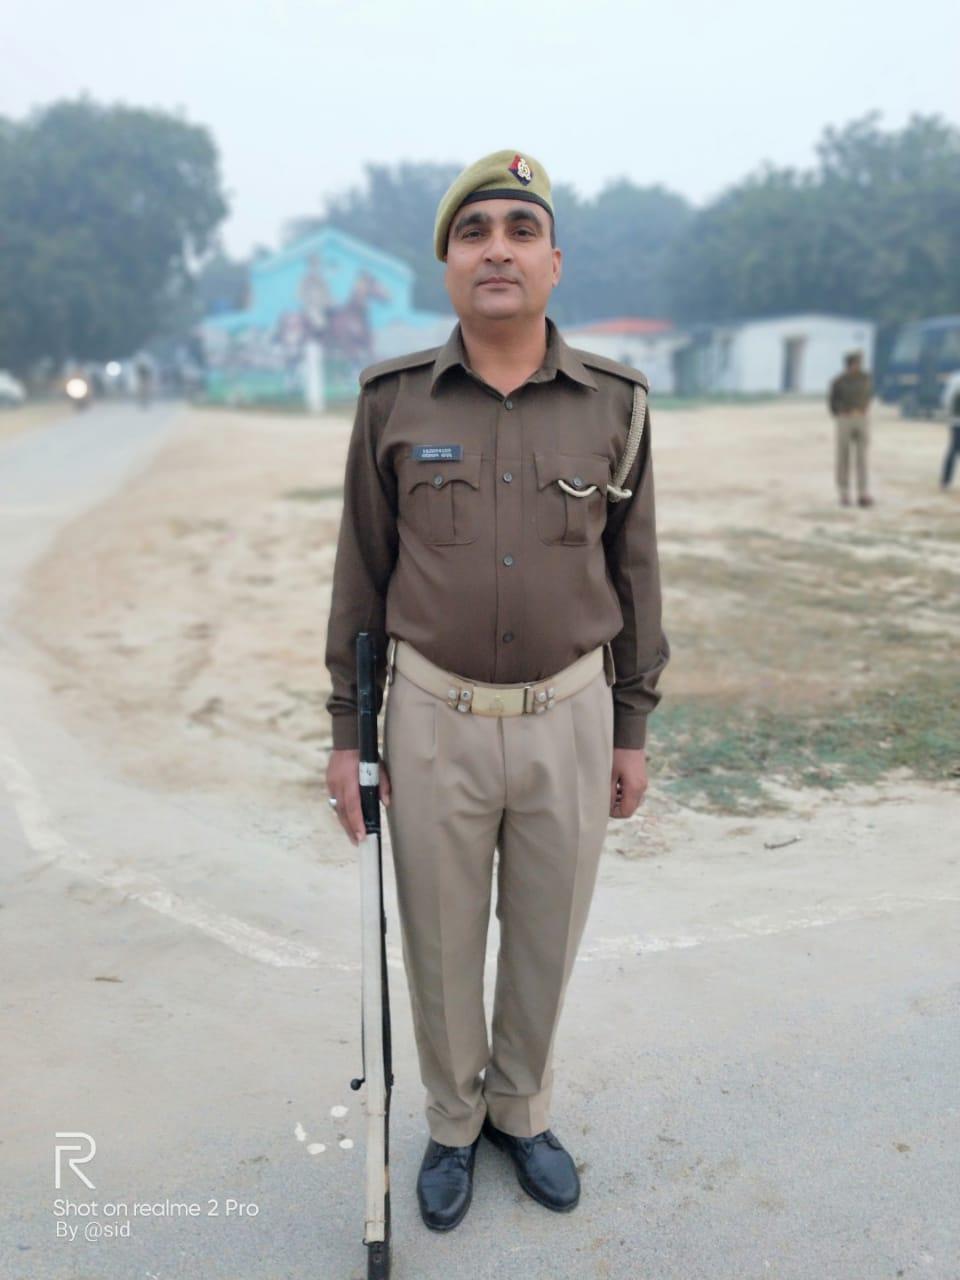 सिपाही राधेश्याम यादव पुलिस में भर्ती होने से पहले आर्मी में थे।- फाइल फोटो - Dainik Bhaskar